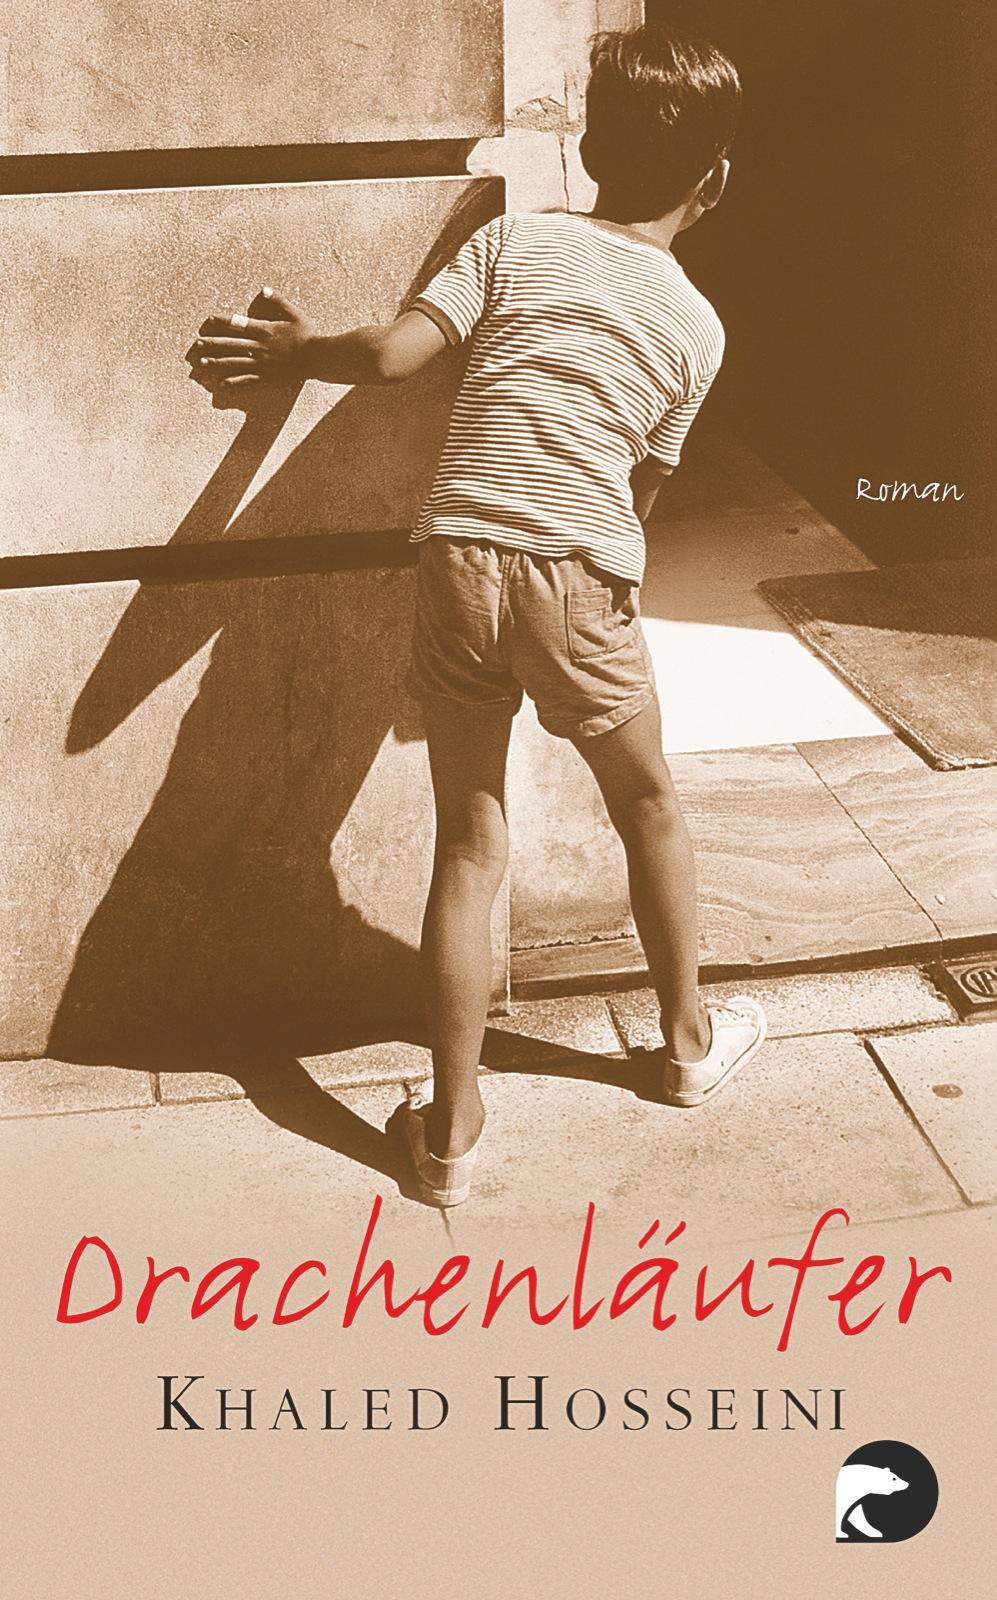 Drachenläufer. Plus Materialien für Lesekreise: Karte und kurze Geschichte Afghanistans - Khaled Hosseini